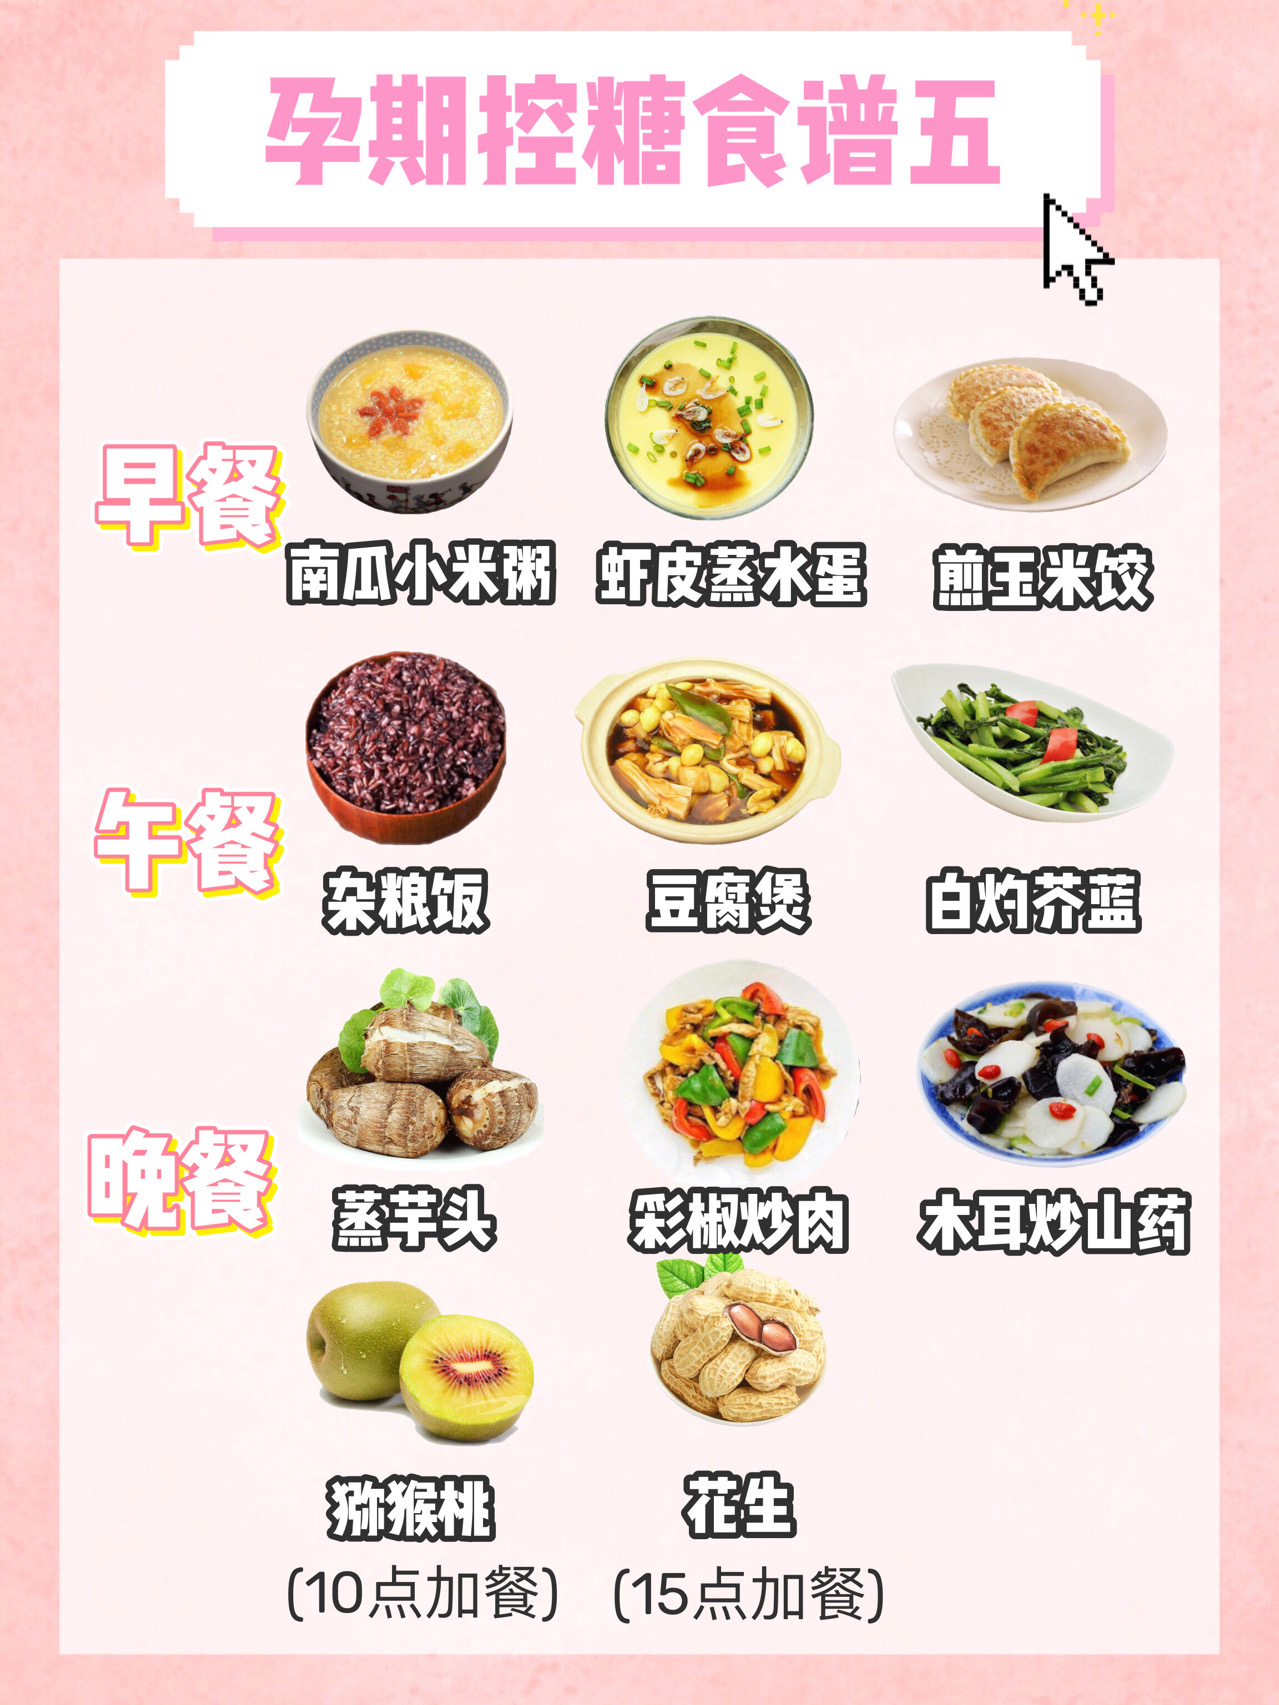 孕期控糖食谱,长胎不长肉,满满的干货 孕妇菜谱 第5张